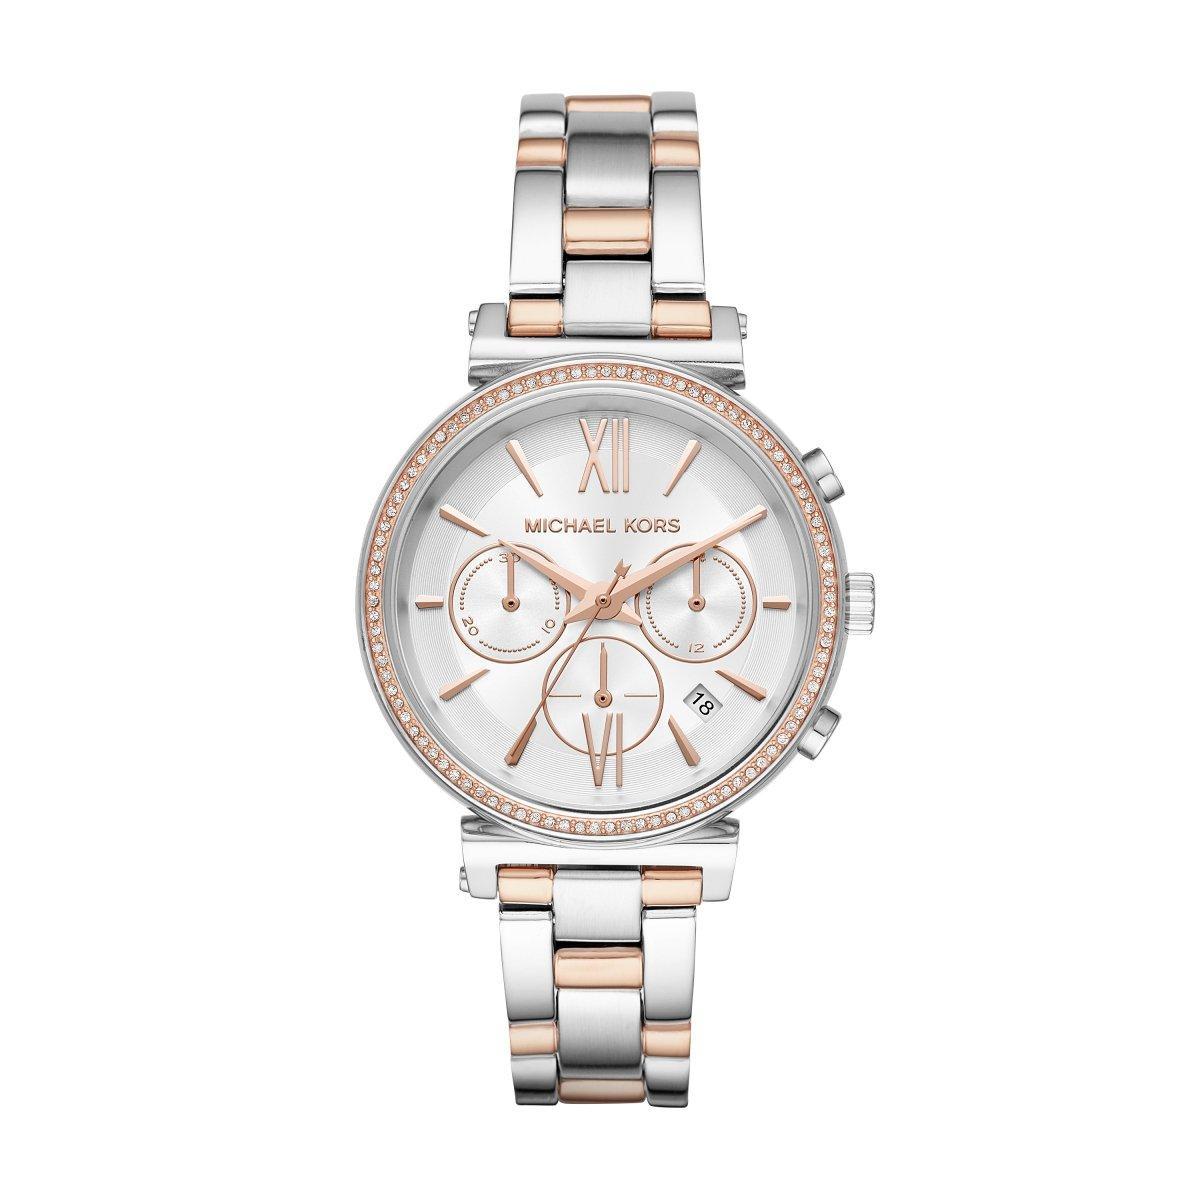 c02c7ec201c16 Zegarek damski Michael Kors Sofie MK6558 | ONE ZERO Autoryzowany sklep